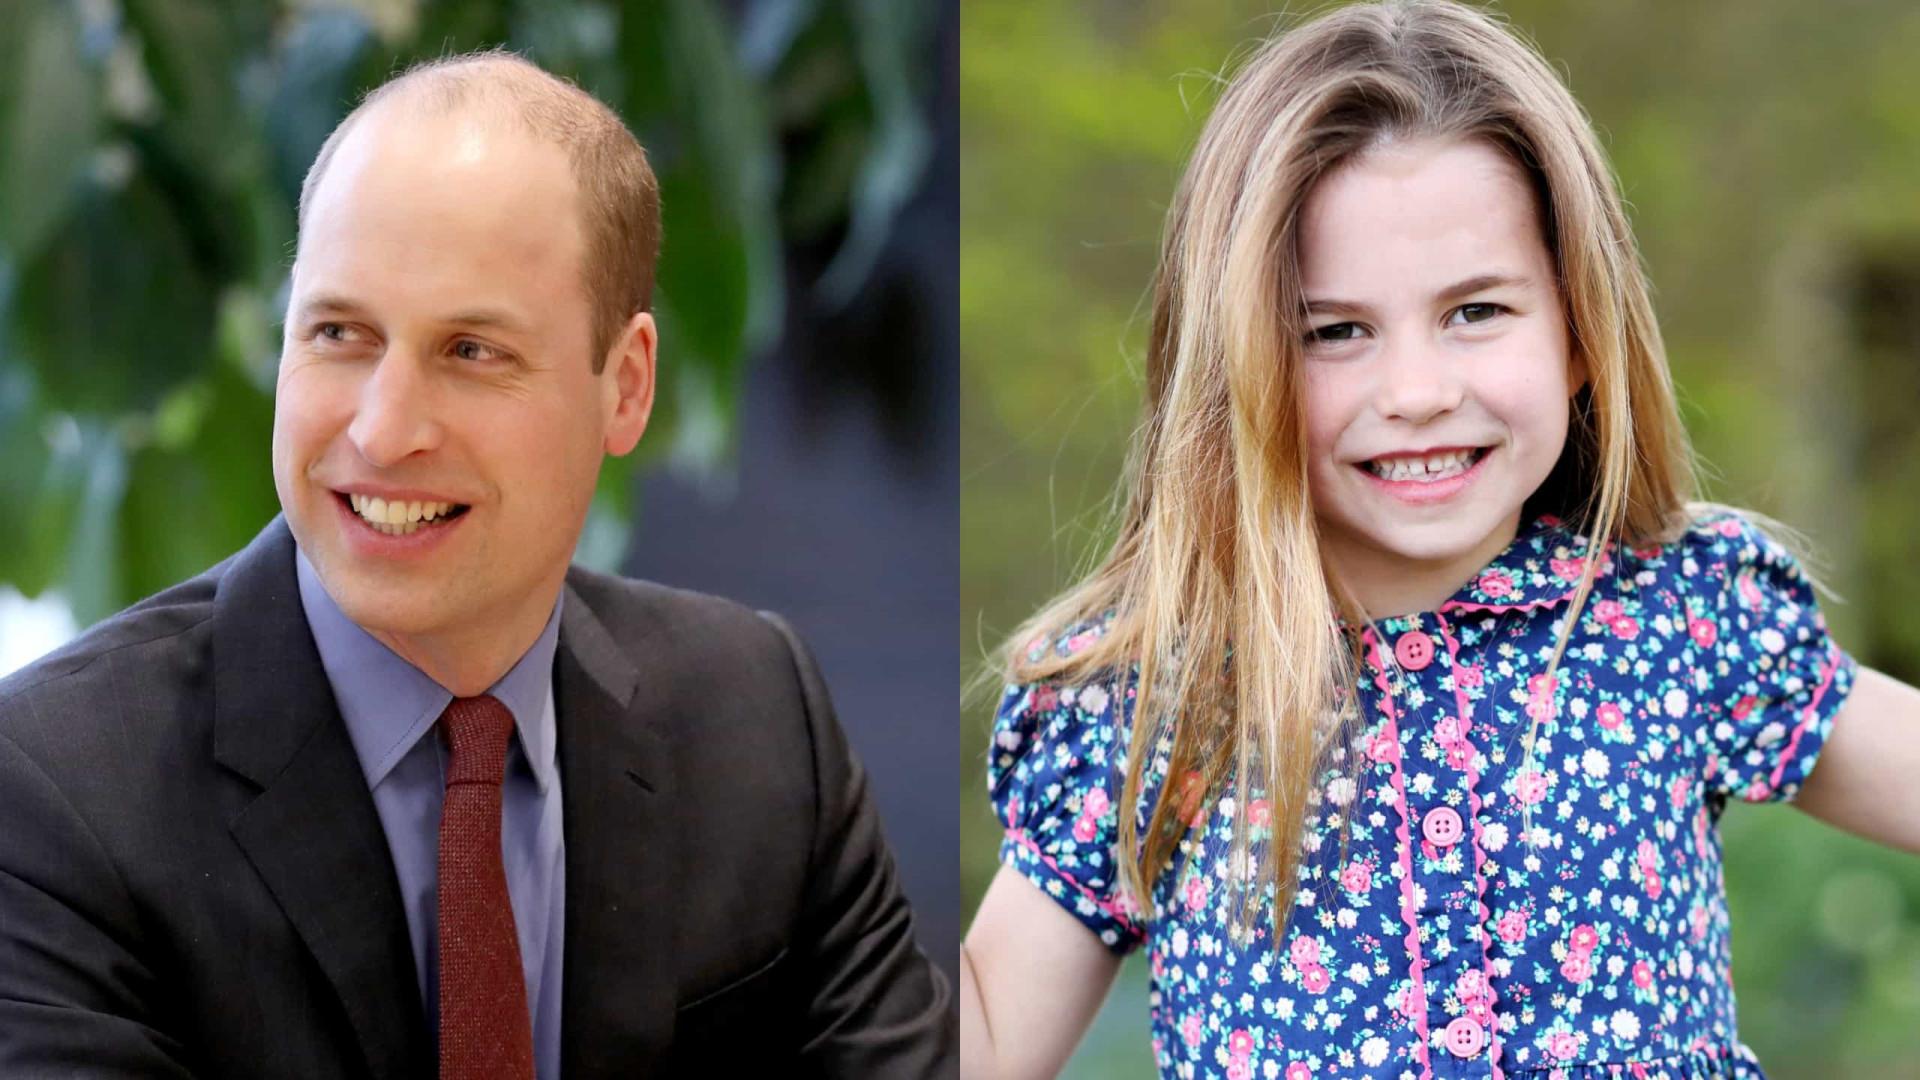 Príncipe William diz que a filha Charlotte diz que já tem 16 anos